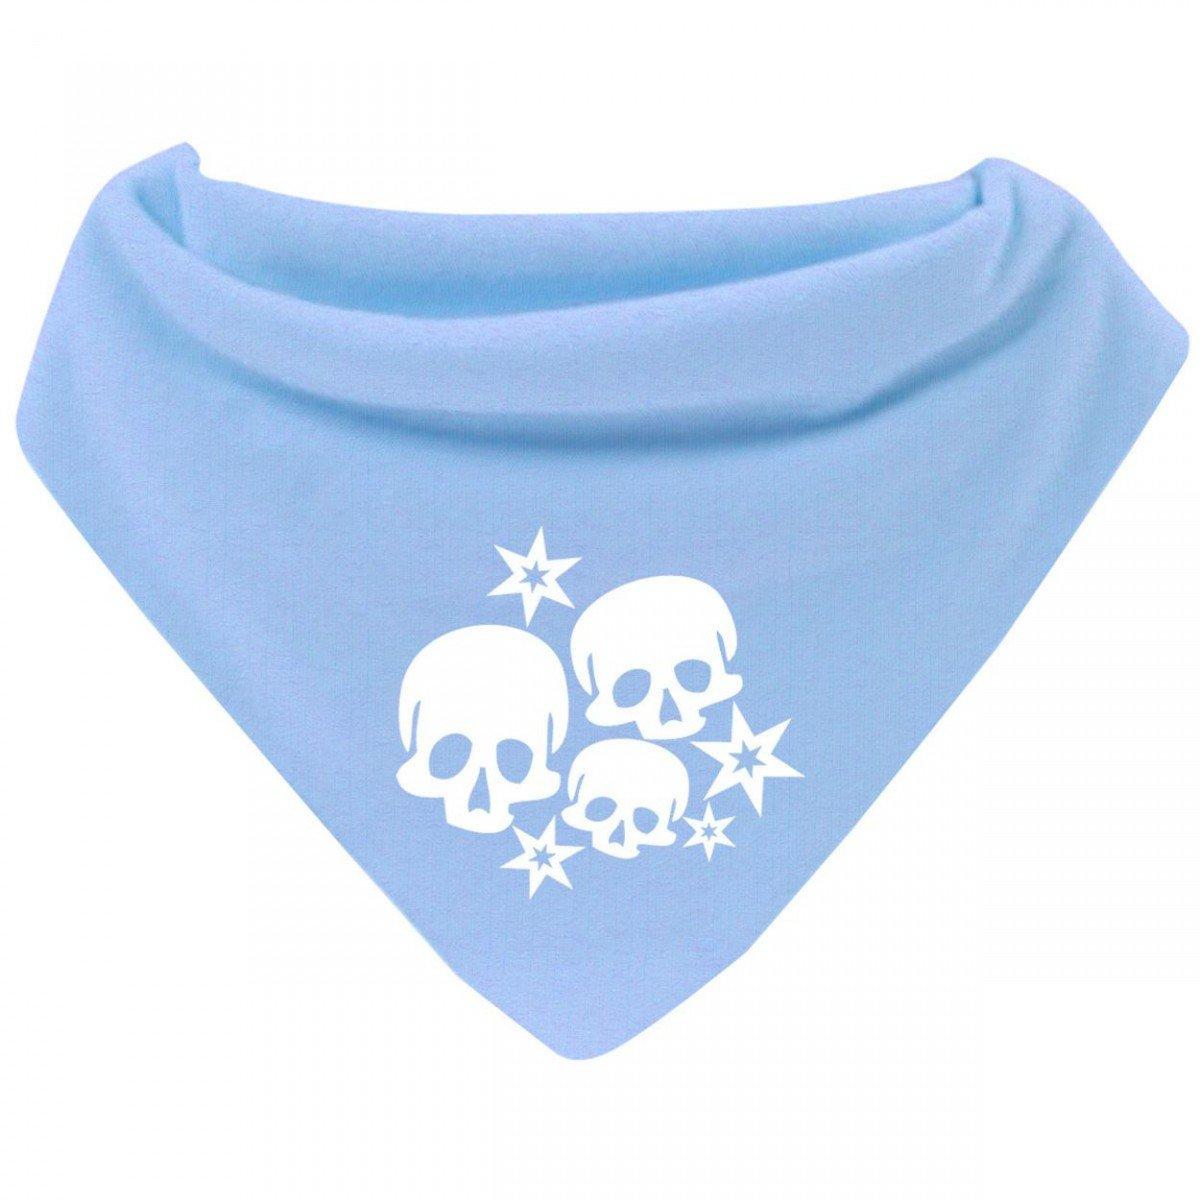 Mikalino Baby Halstuch Bandana Skulls and Stars mit Klettverschluss Farbe:navy